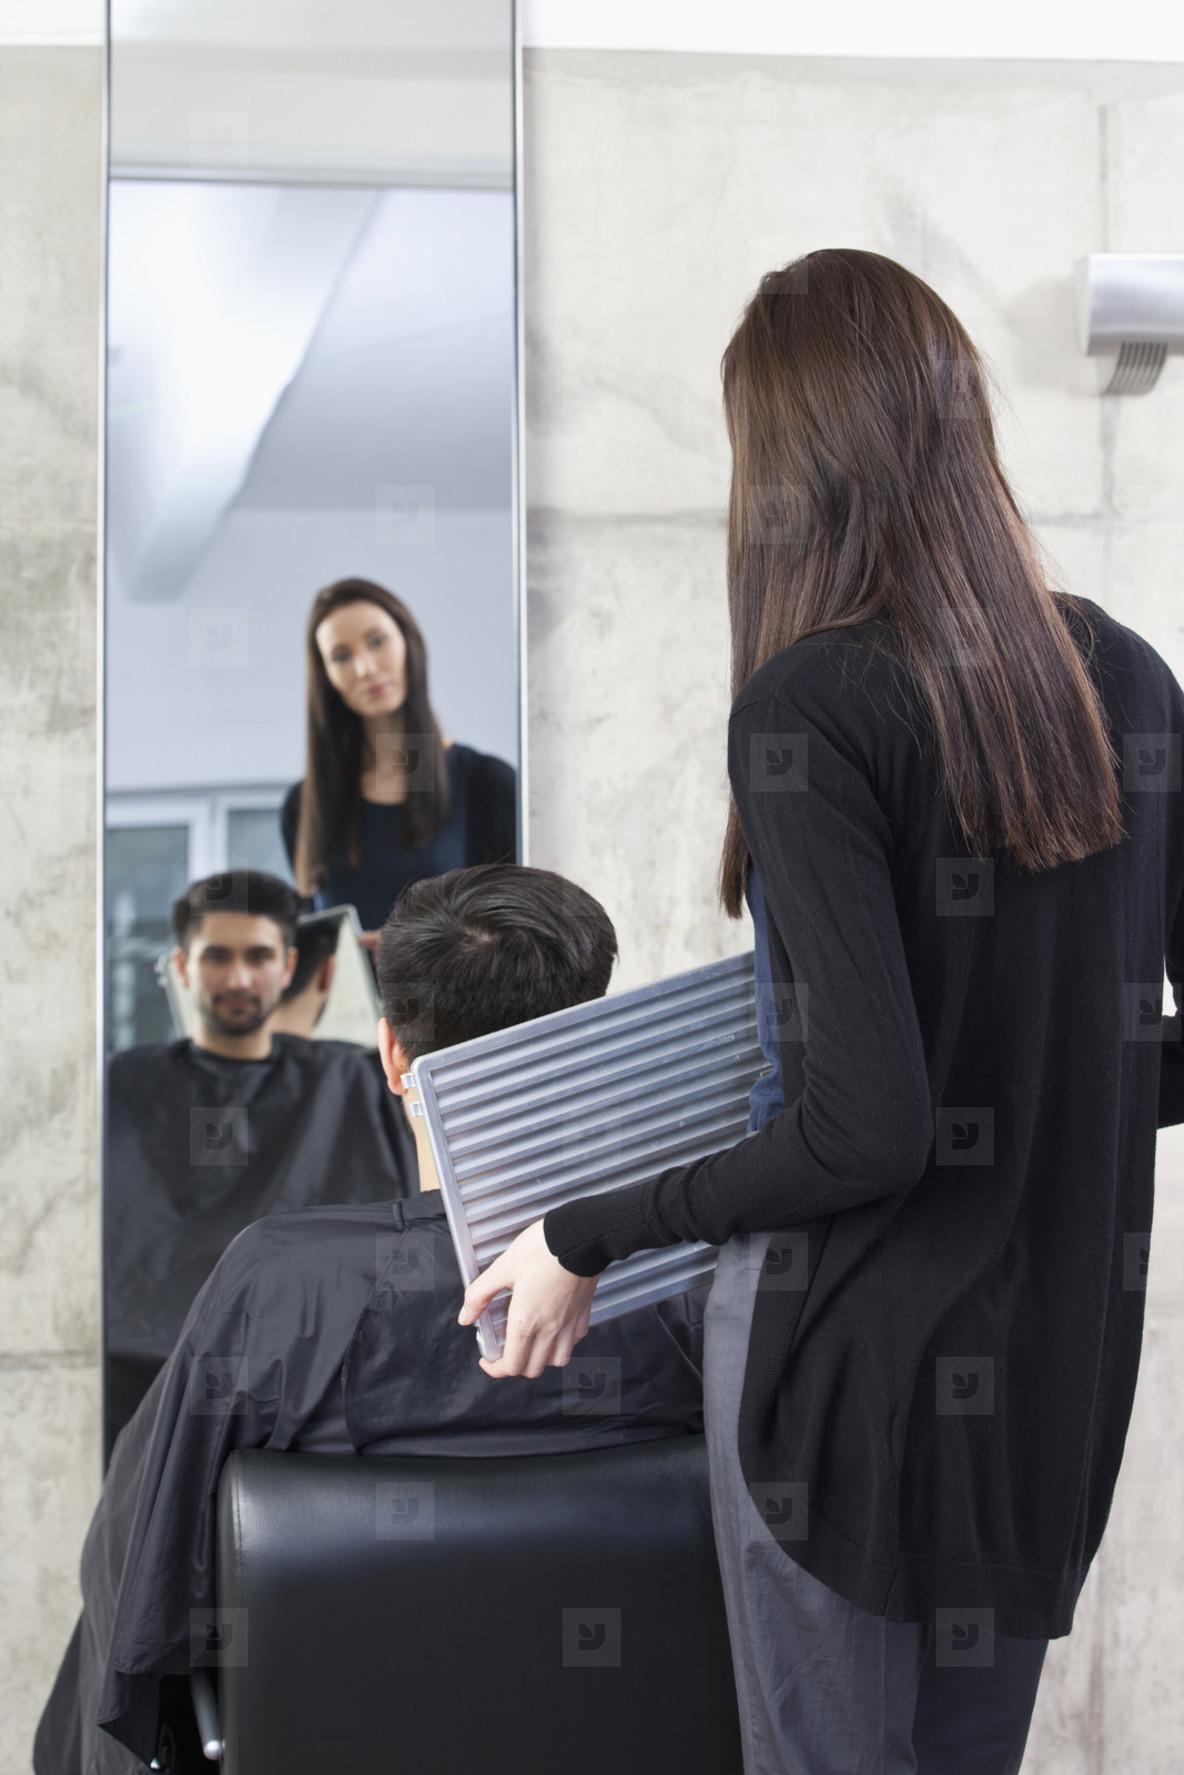 The Hair Salon  03